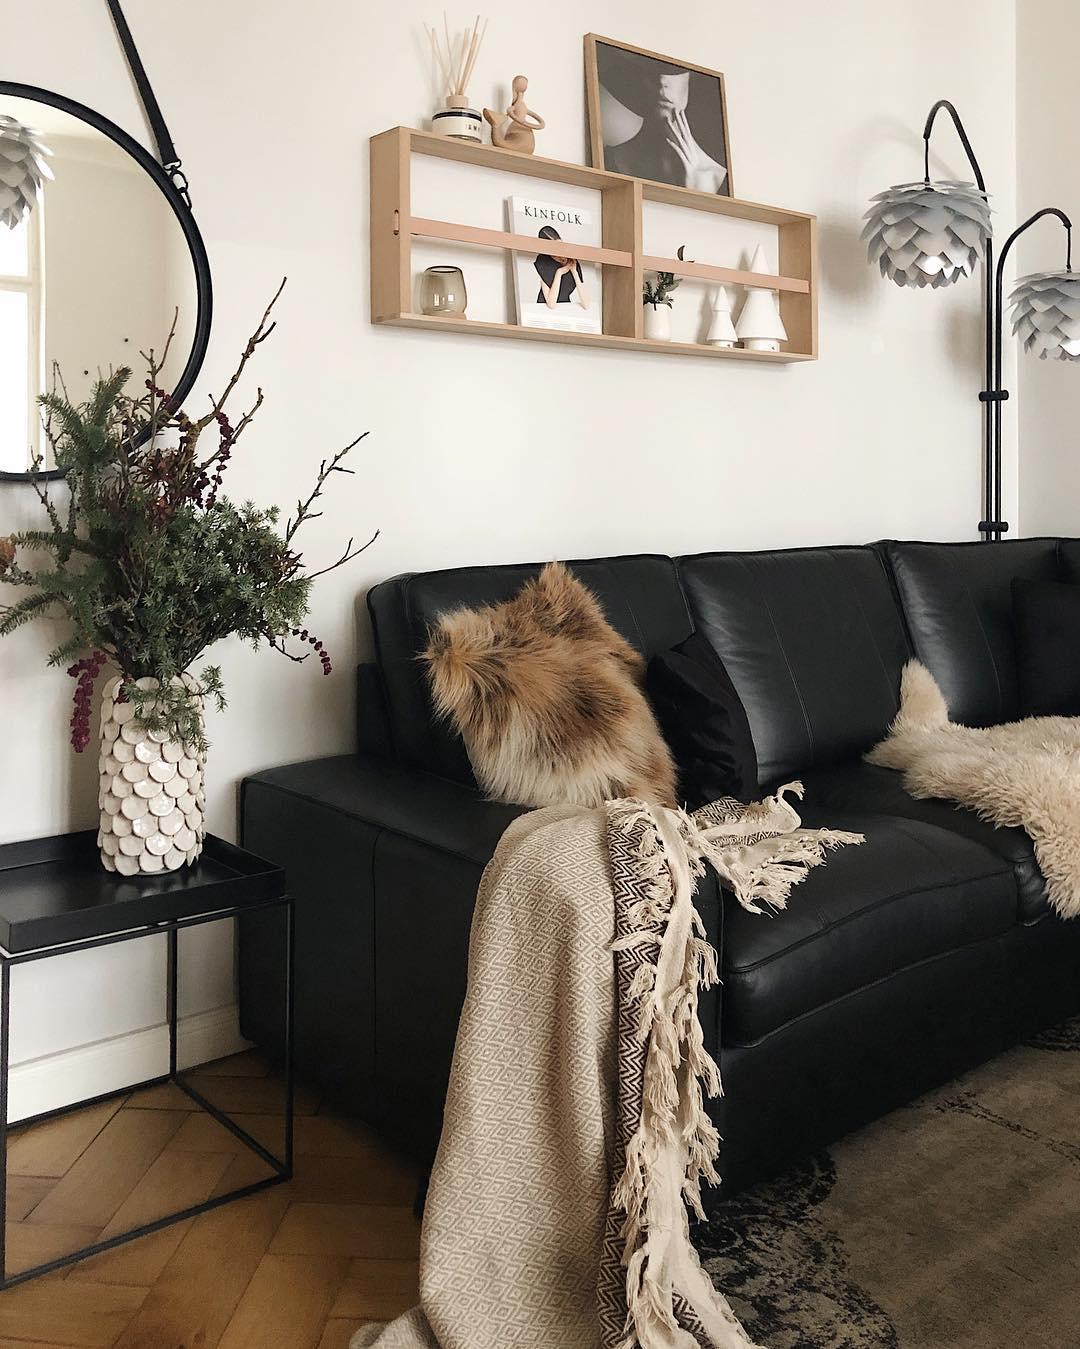 couleur pastel salon cosy chaleureux canapé cuir coussin fourrure marron tapis vintage table basse - blog déco - clem around the corner